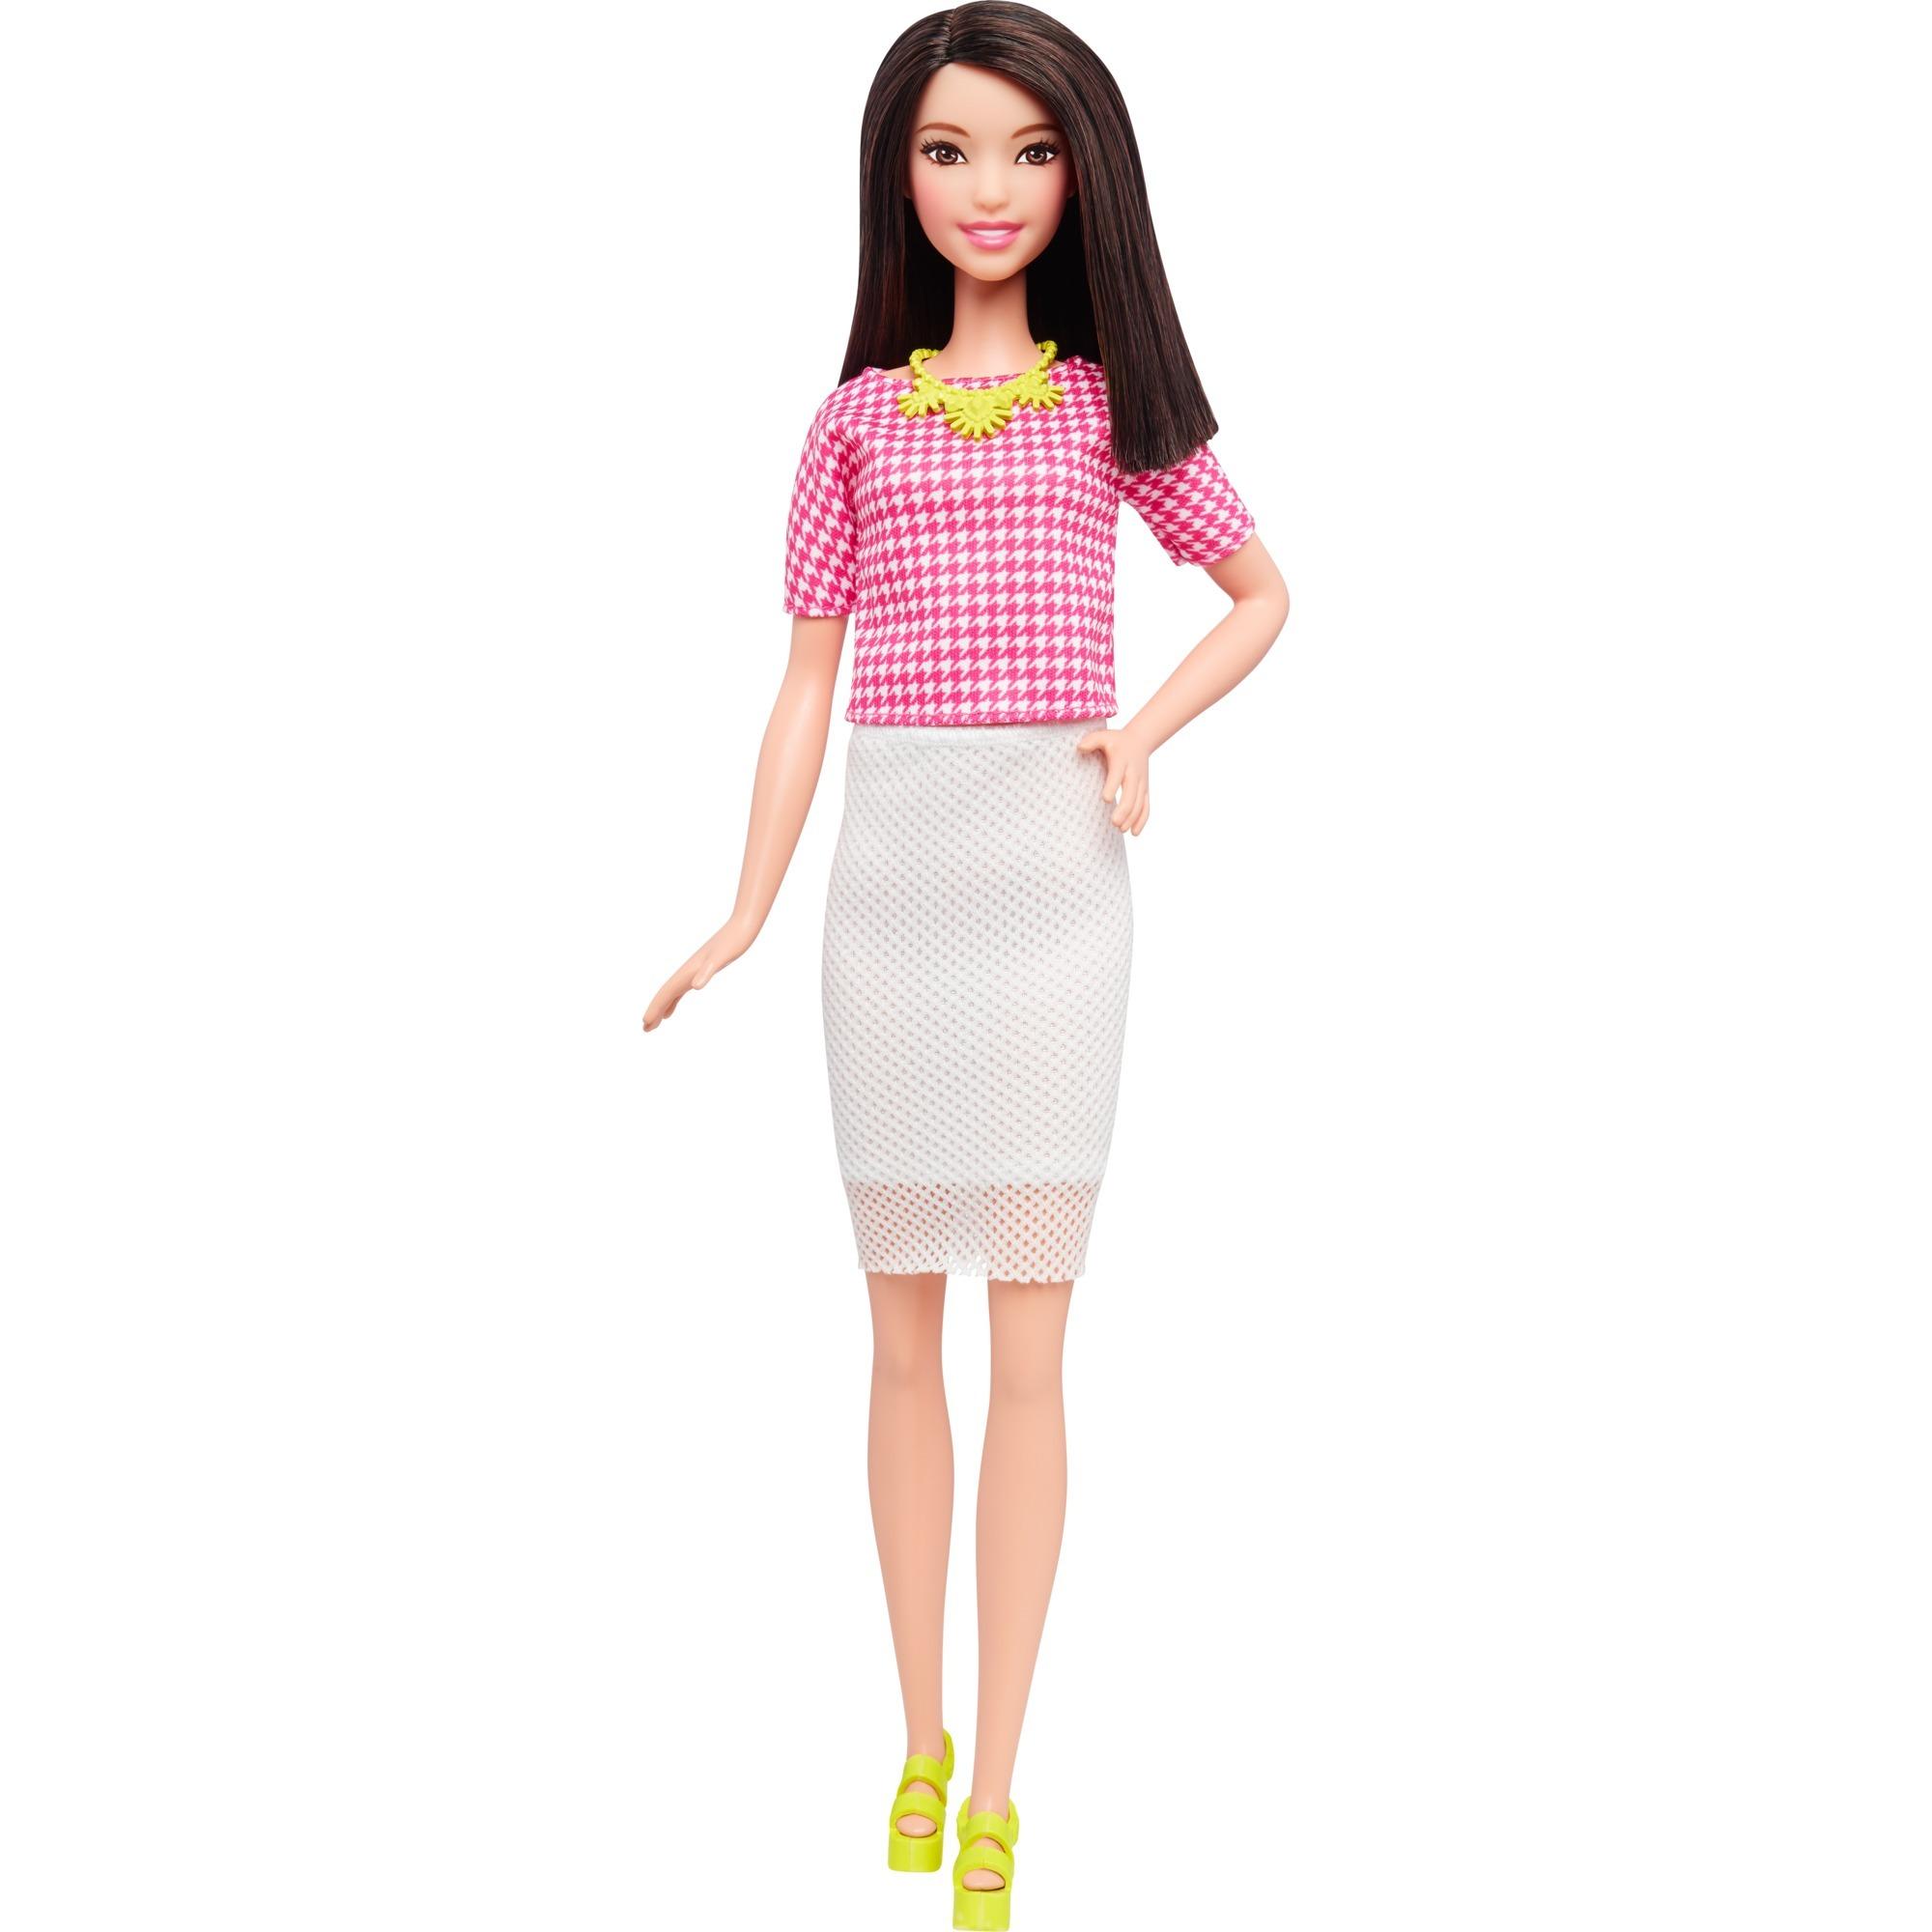 barbie-fashionista-med-hvid-nederdel-dukke